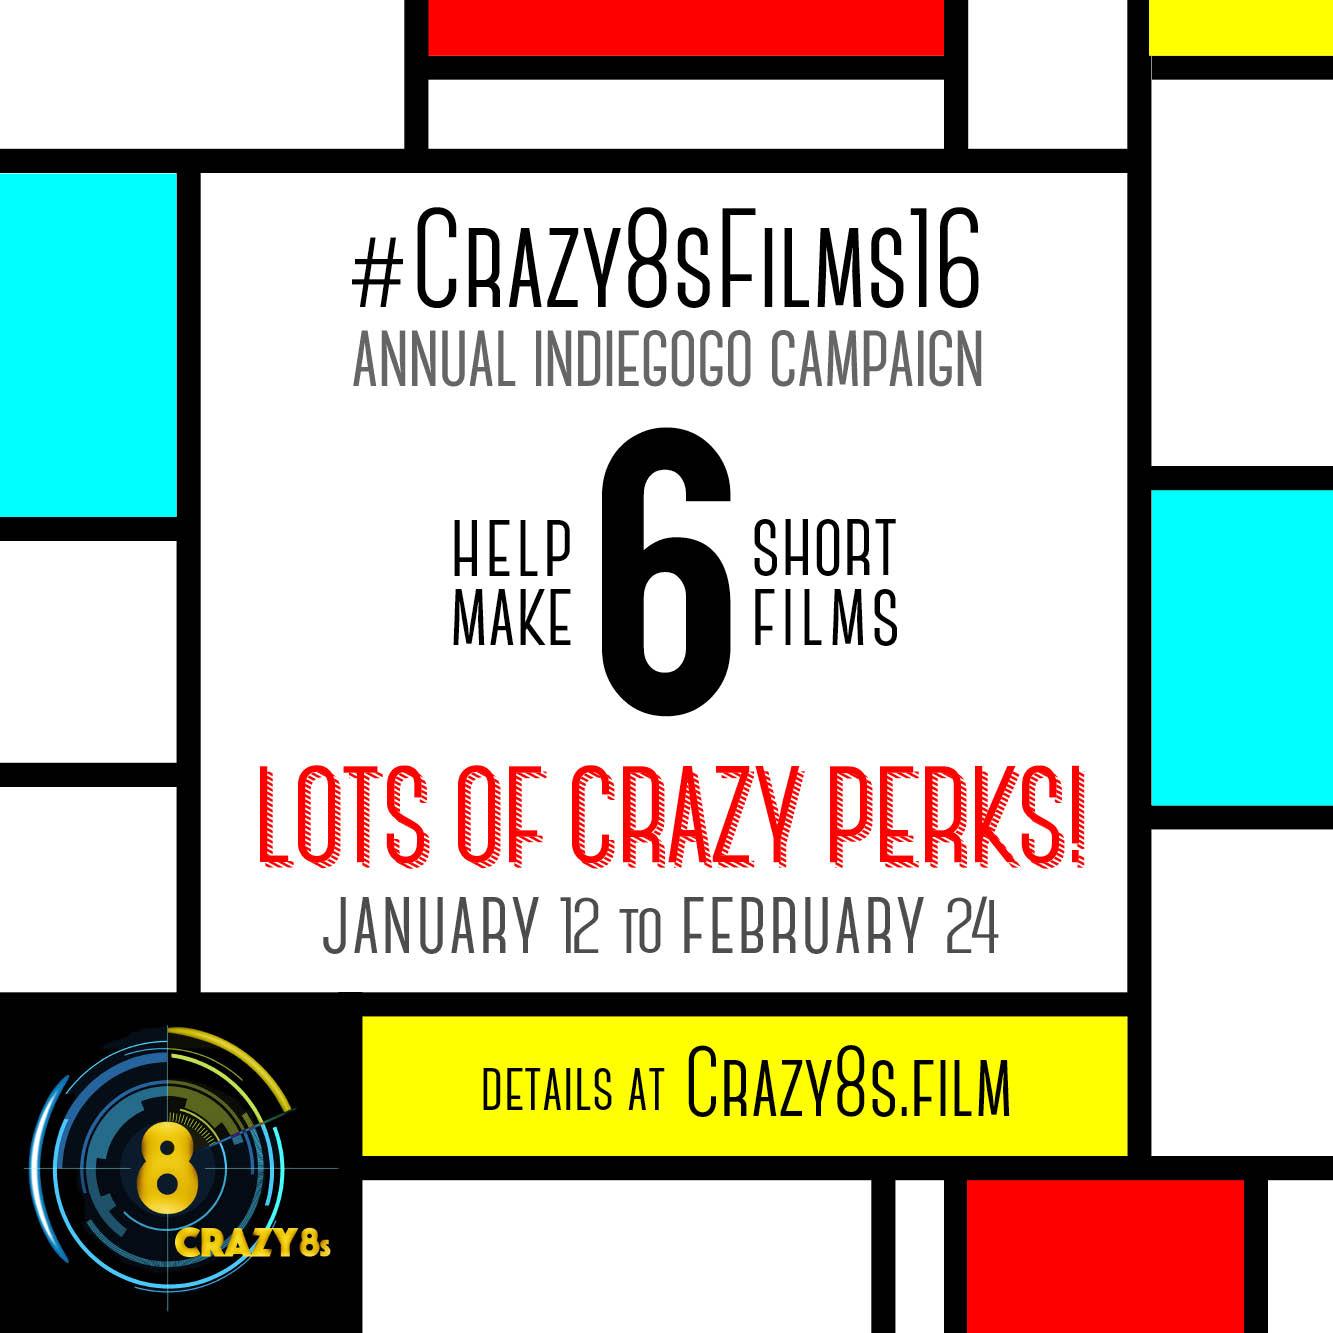 Indigogo - Crazy8s